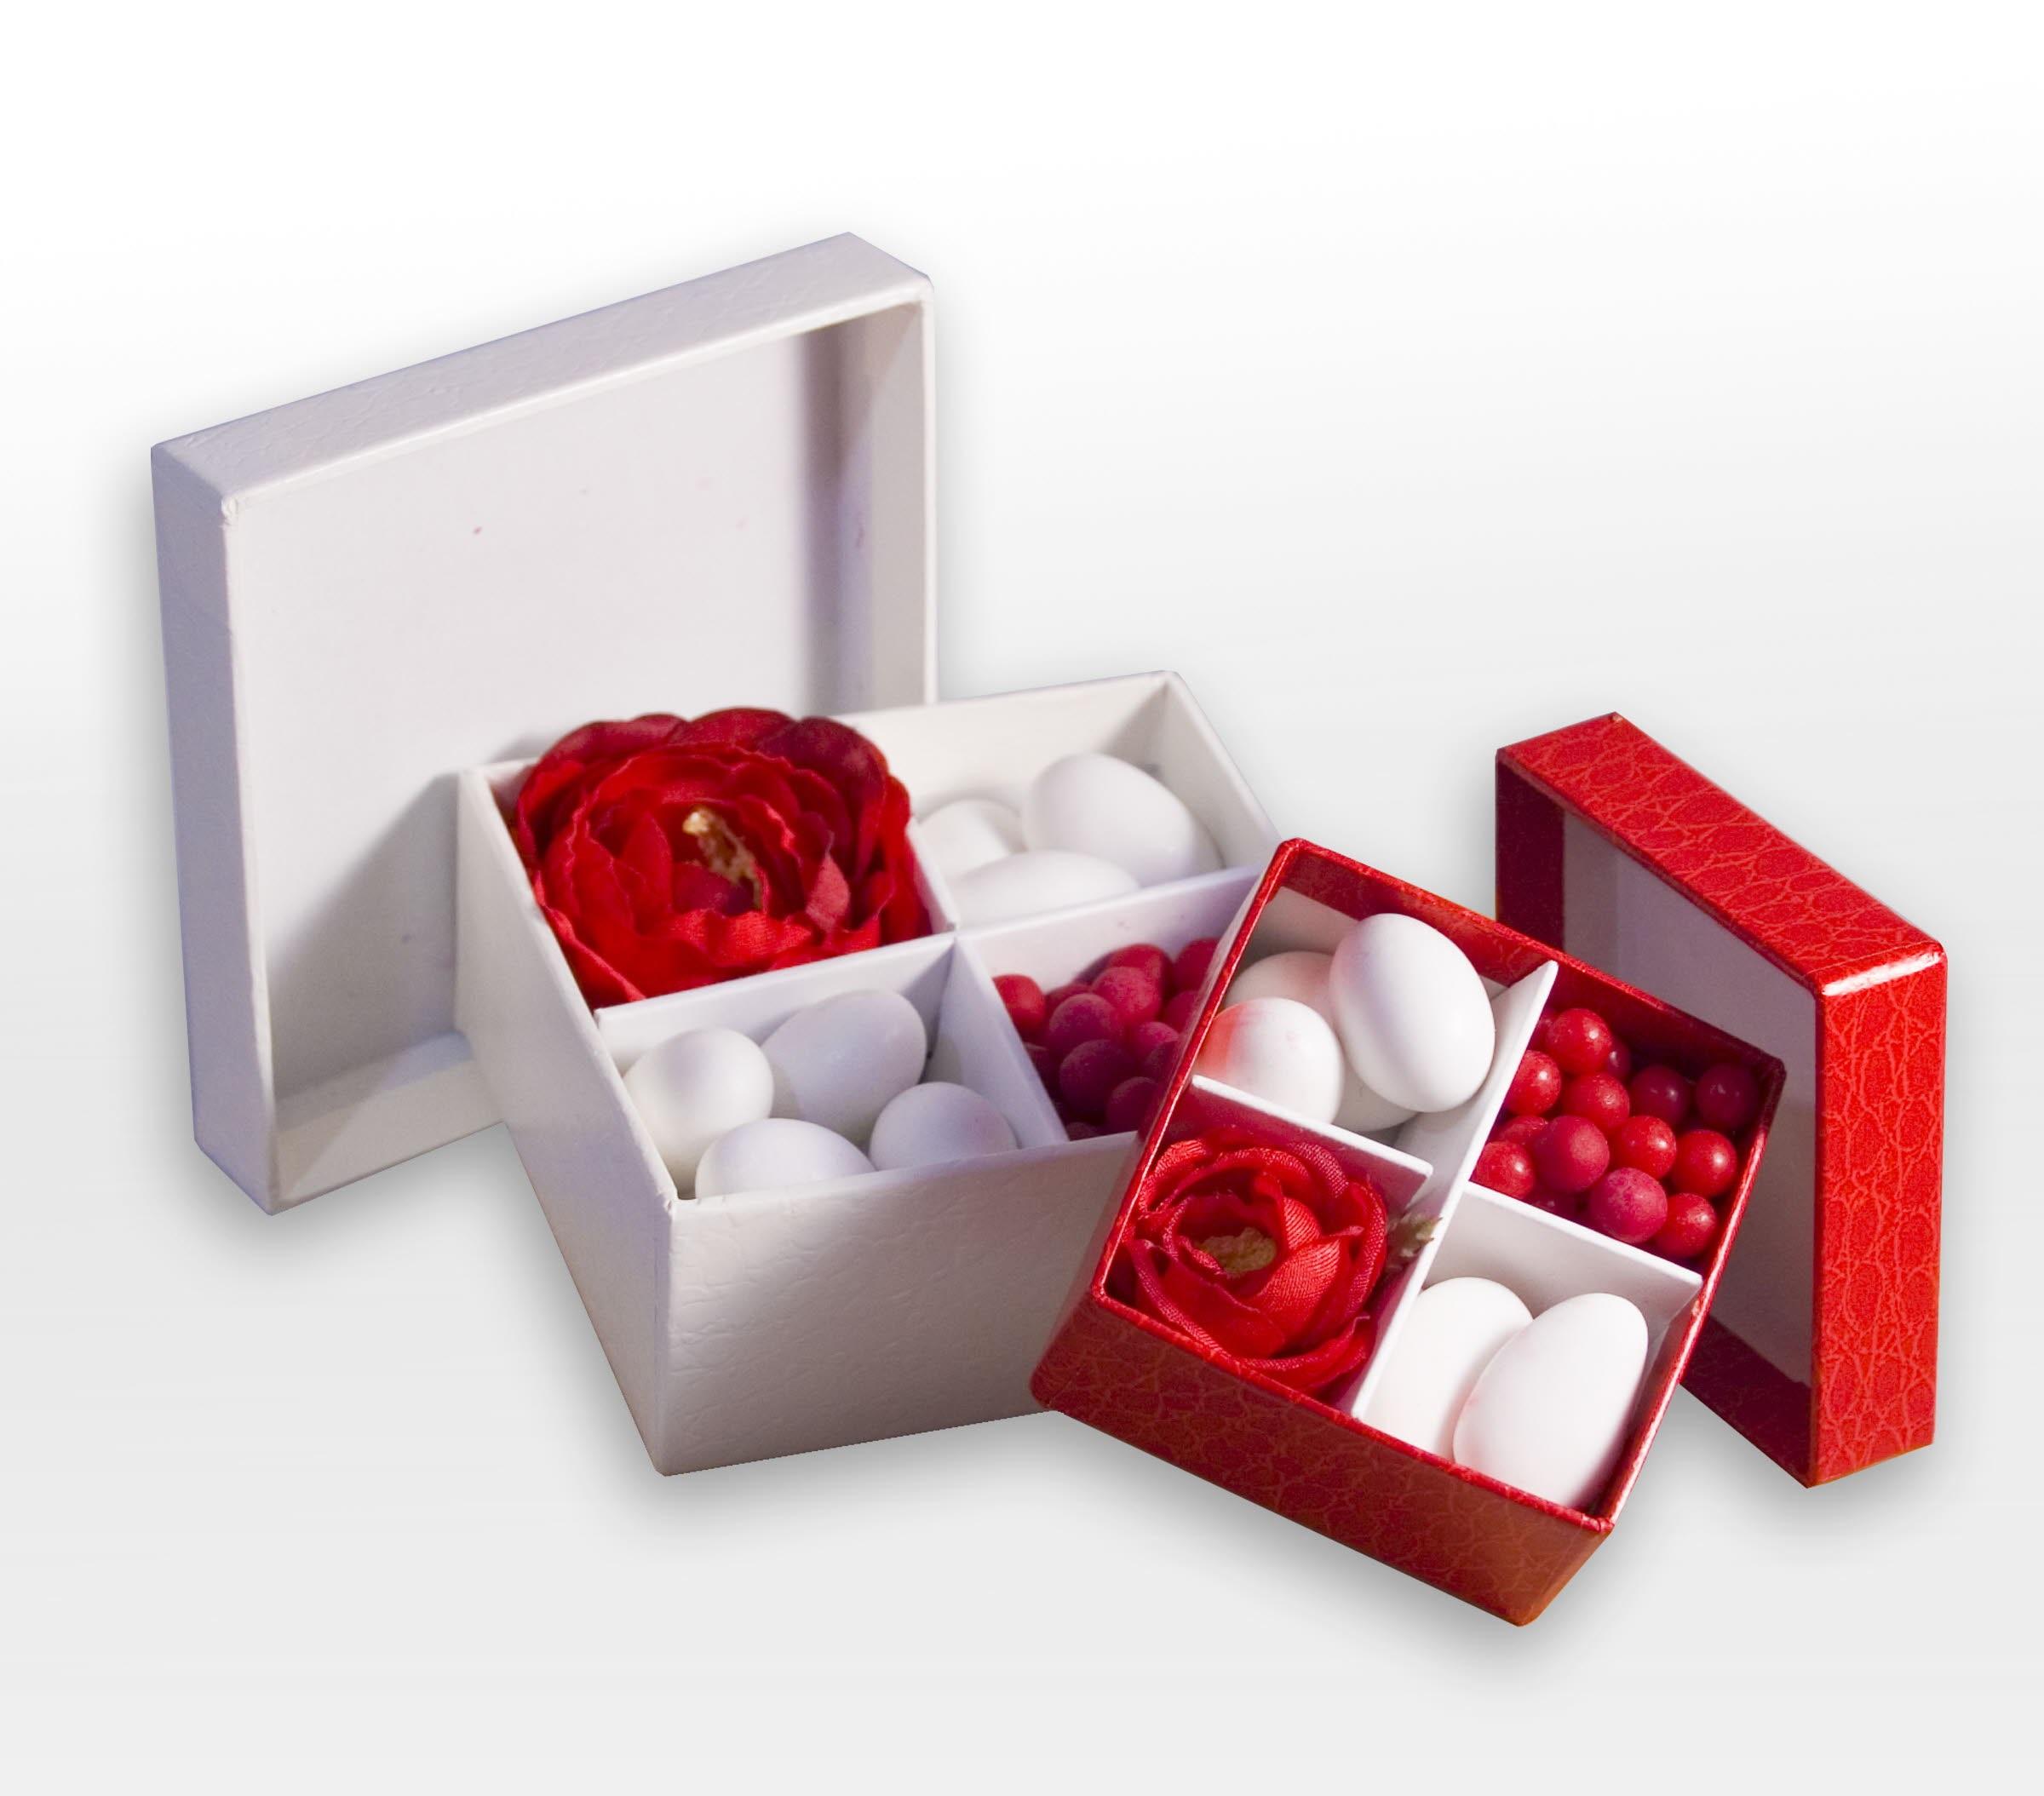 Detalles y regalos para los invitados de tu boda expoboda - Regalos de boda originales para invitados ...